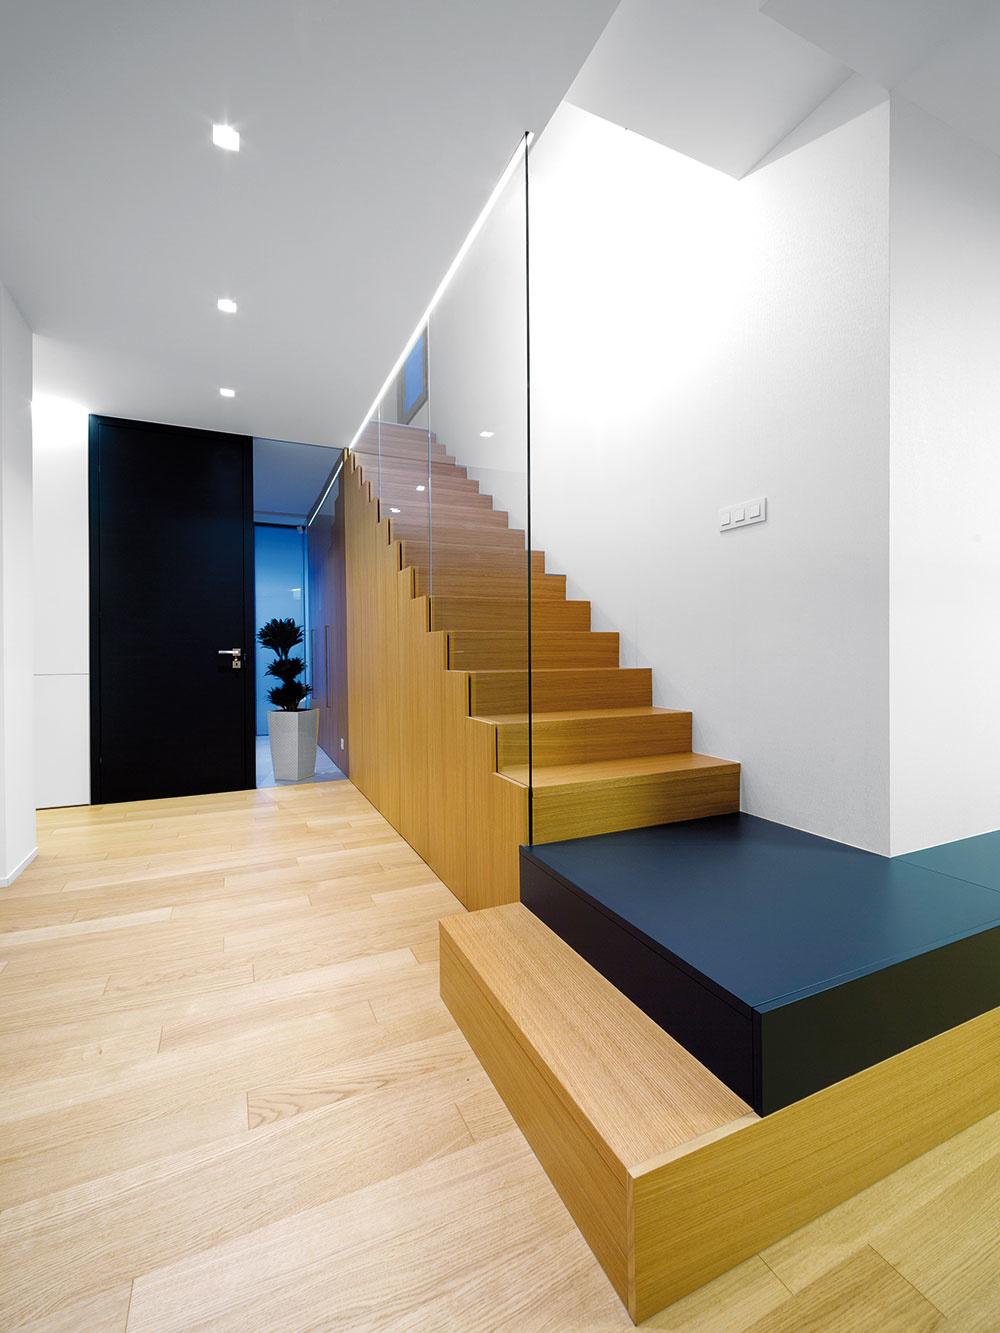 Polotransparentná stena splnými dverami oddeľuje dennú časť domu od predsiene.